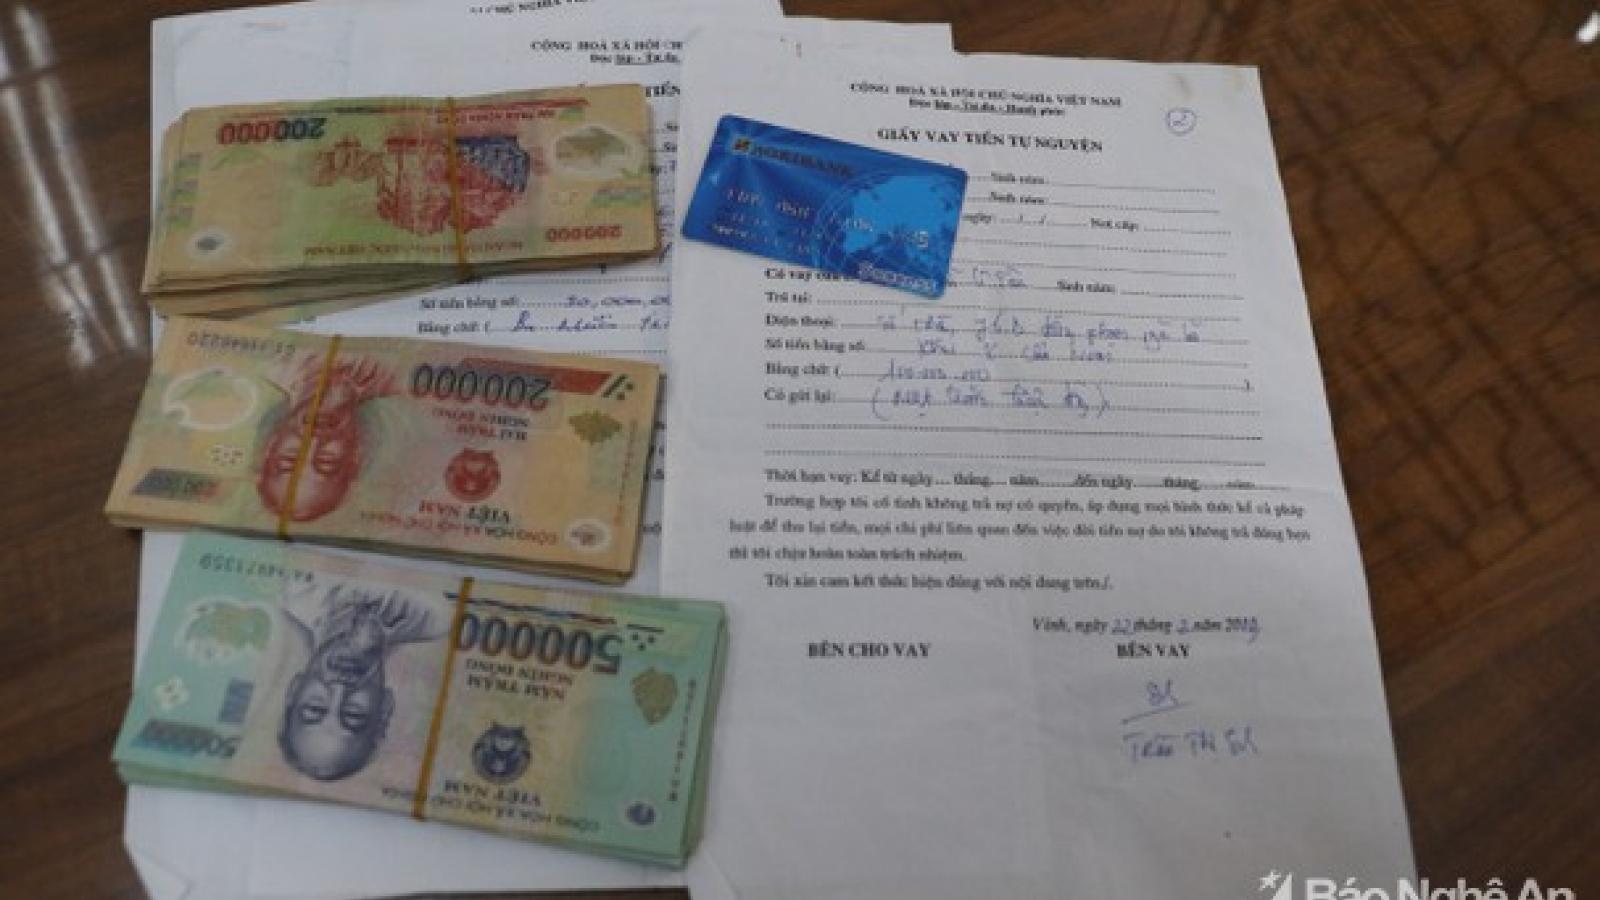 Cho vay lãi nặng rồi ép con nợ viết giấy nhận tiền